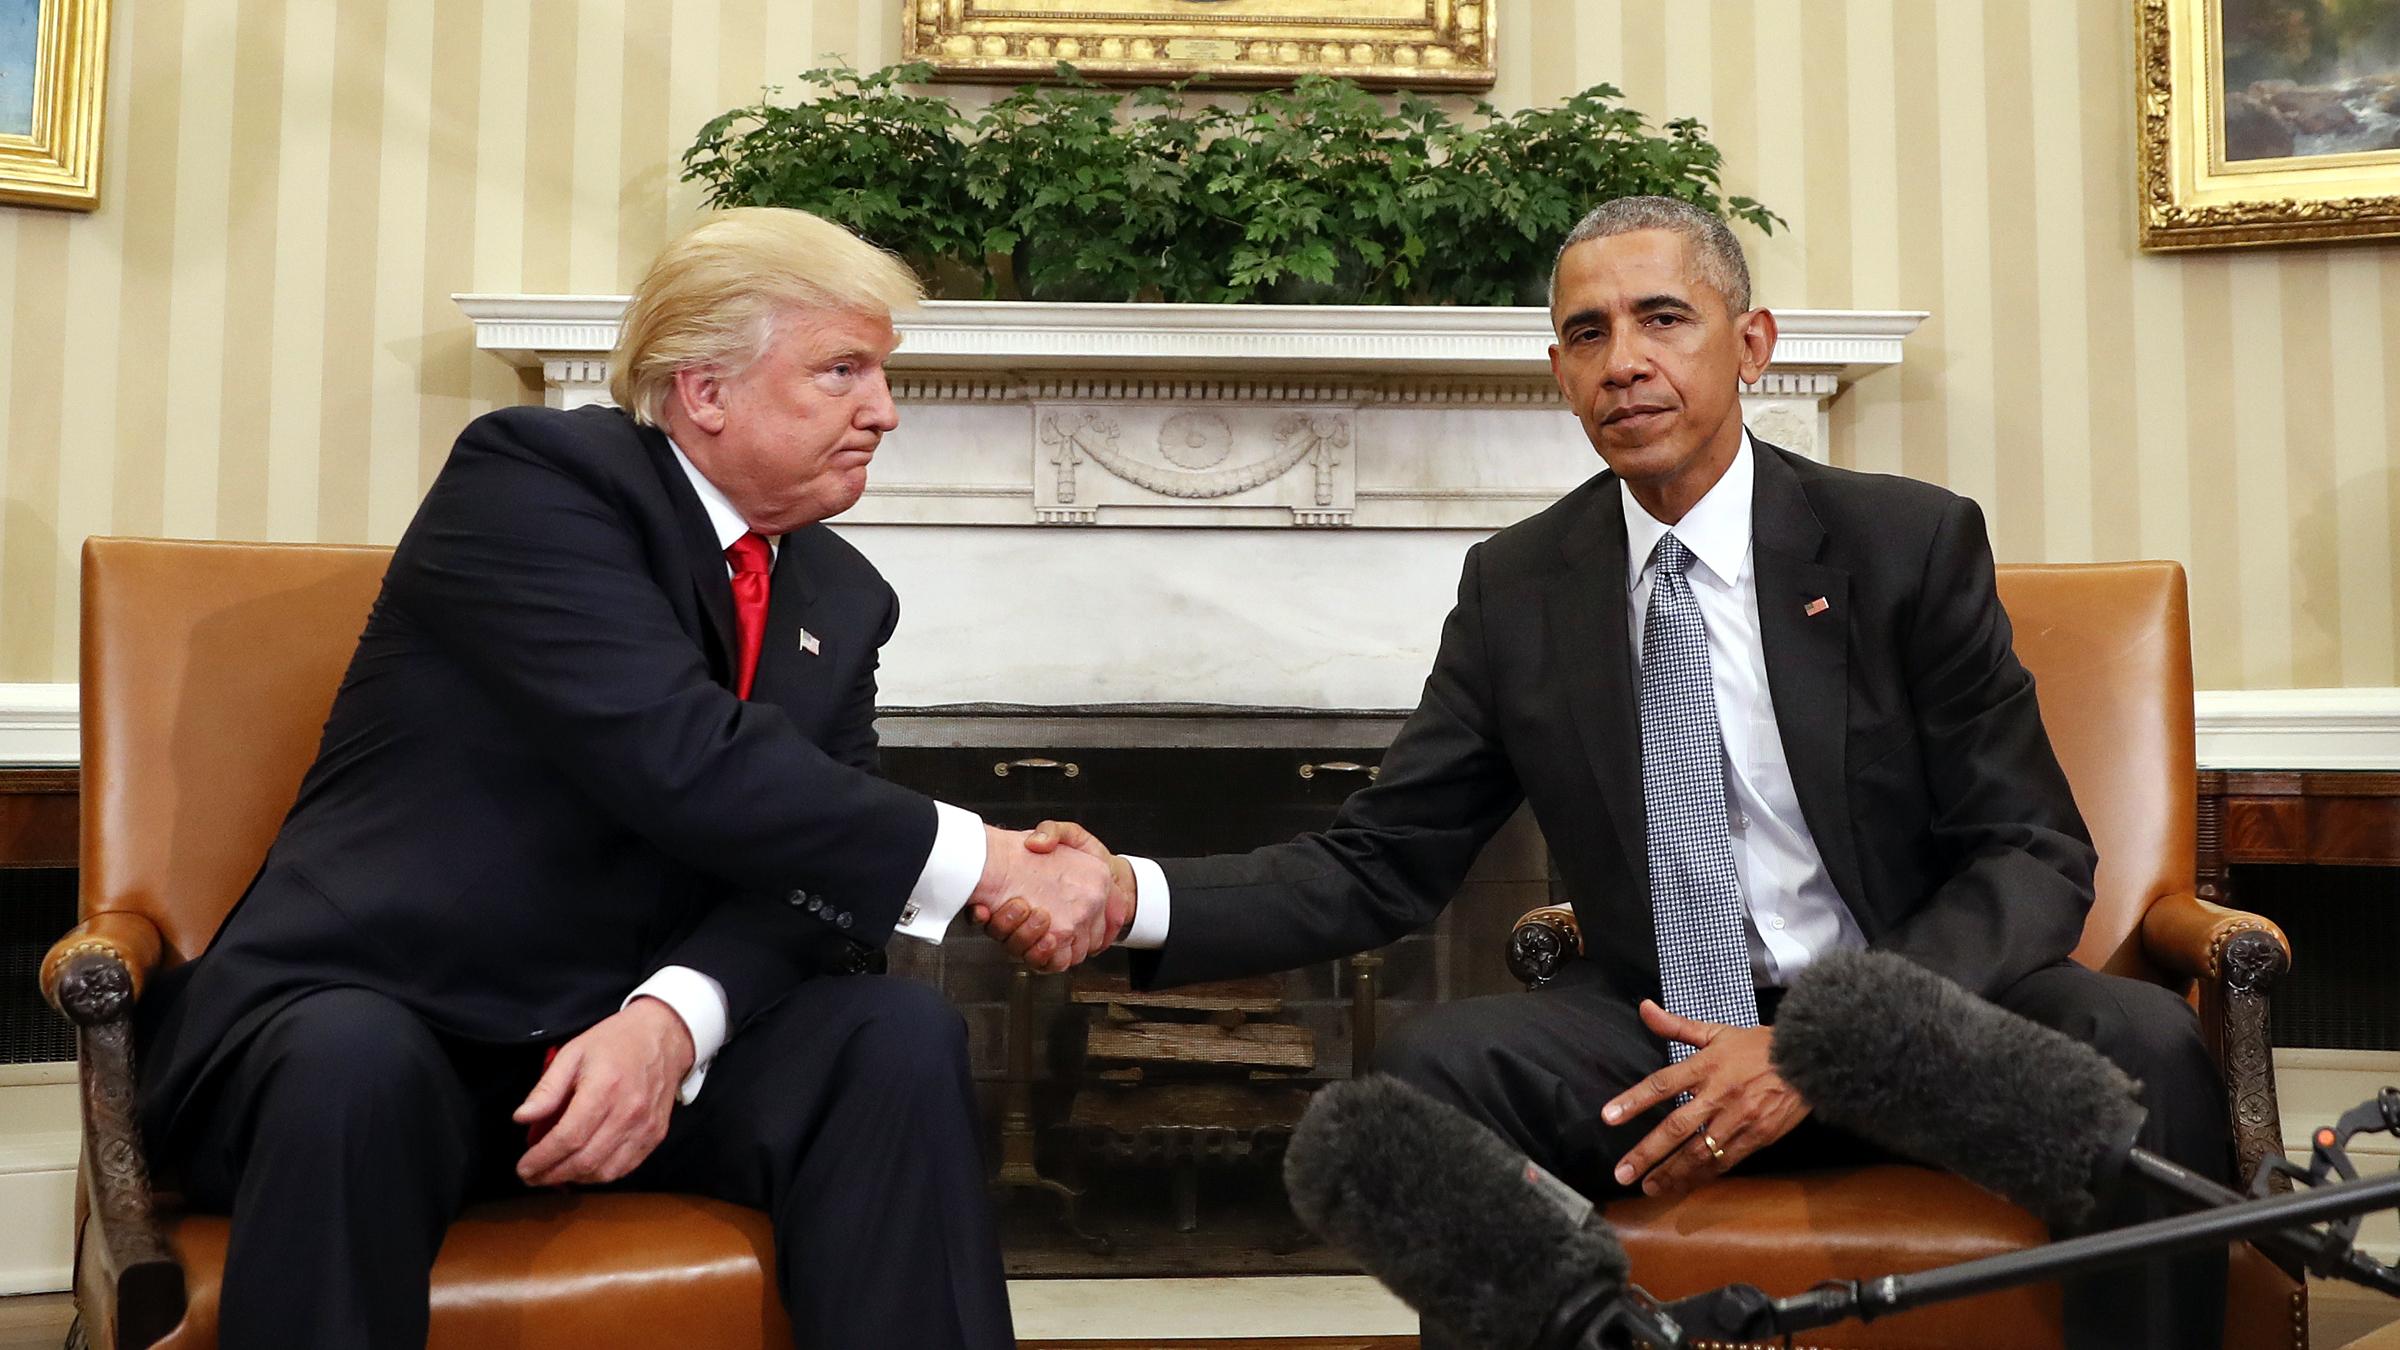 Donald Trump And Barack Obama